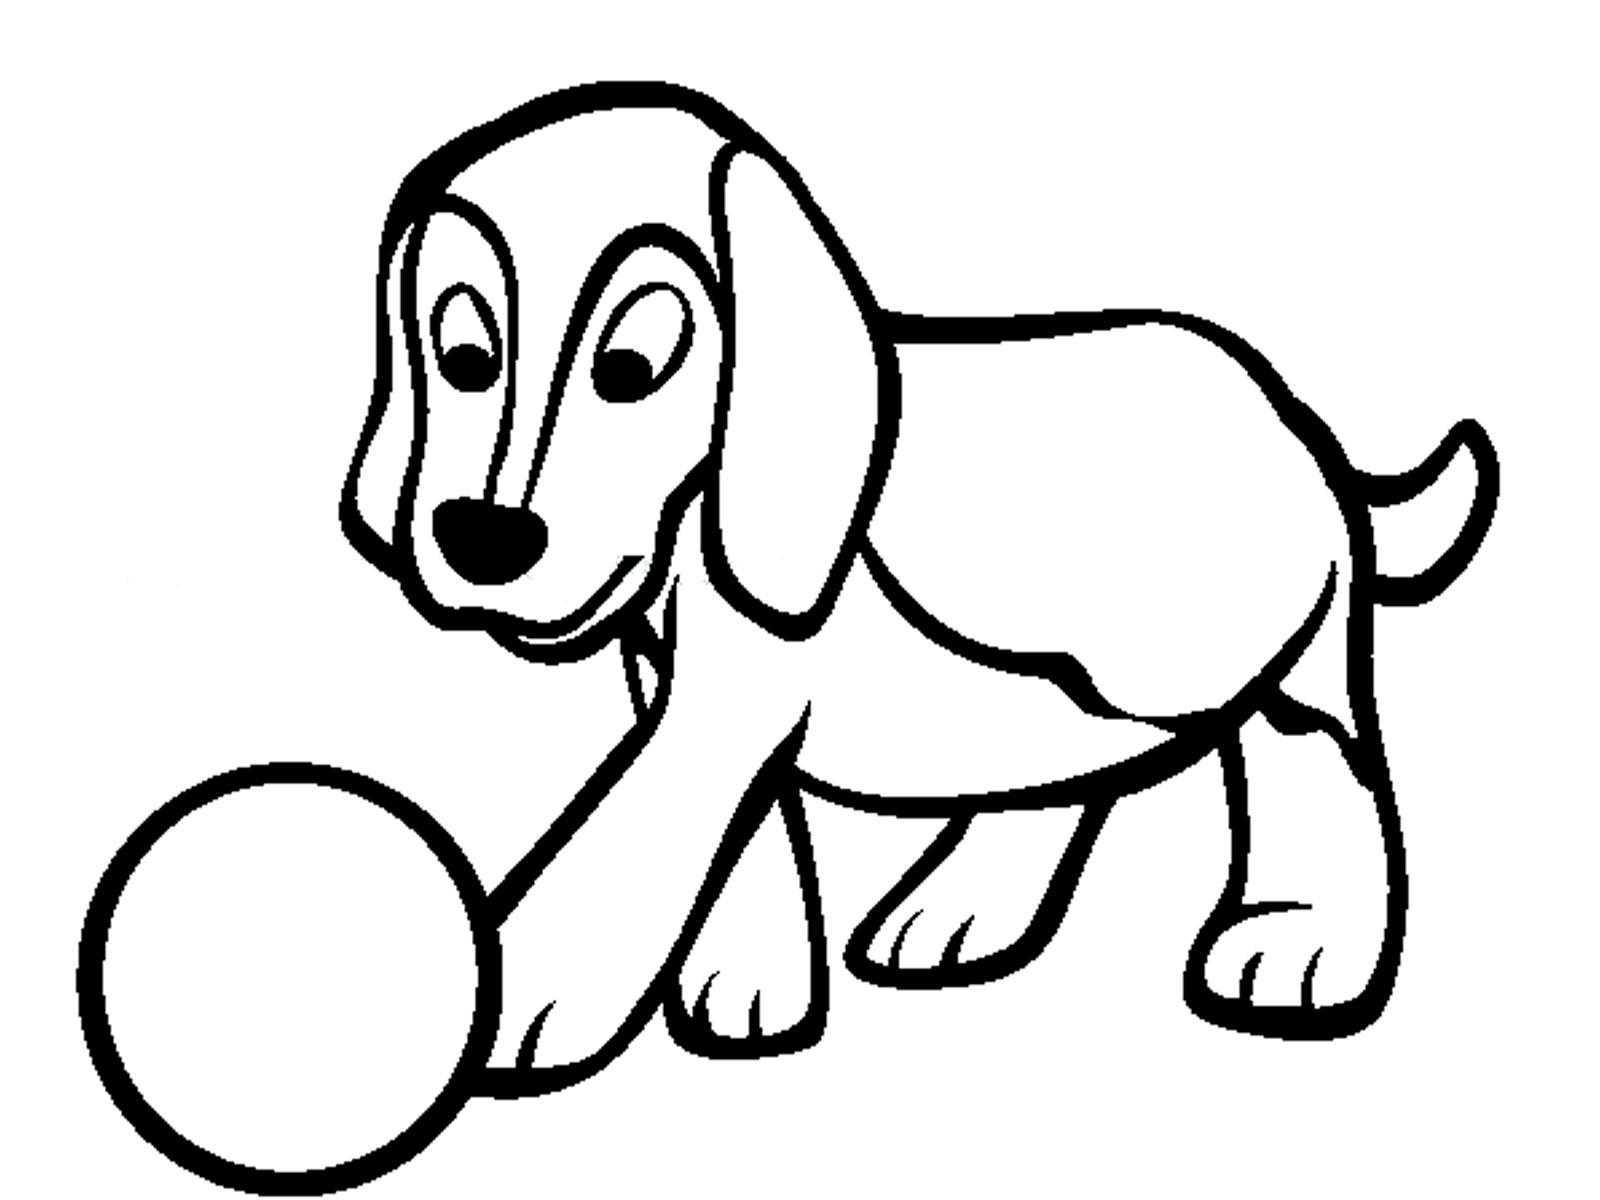 Название: Раскраска Щенок с мячом. Категория: домашние животные. Теги: щенок, мяч.